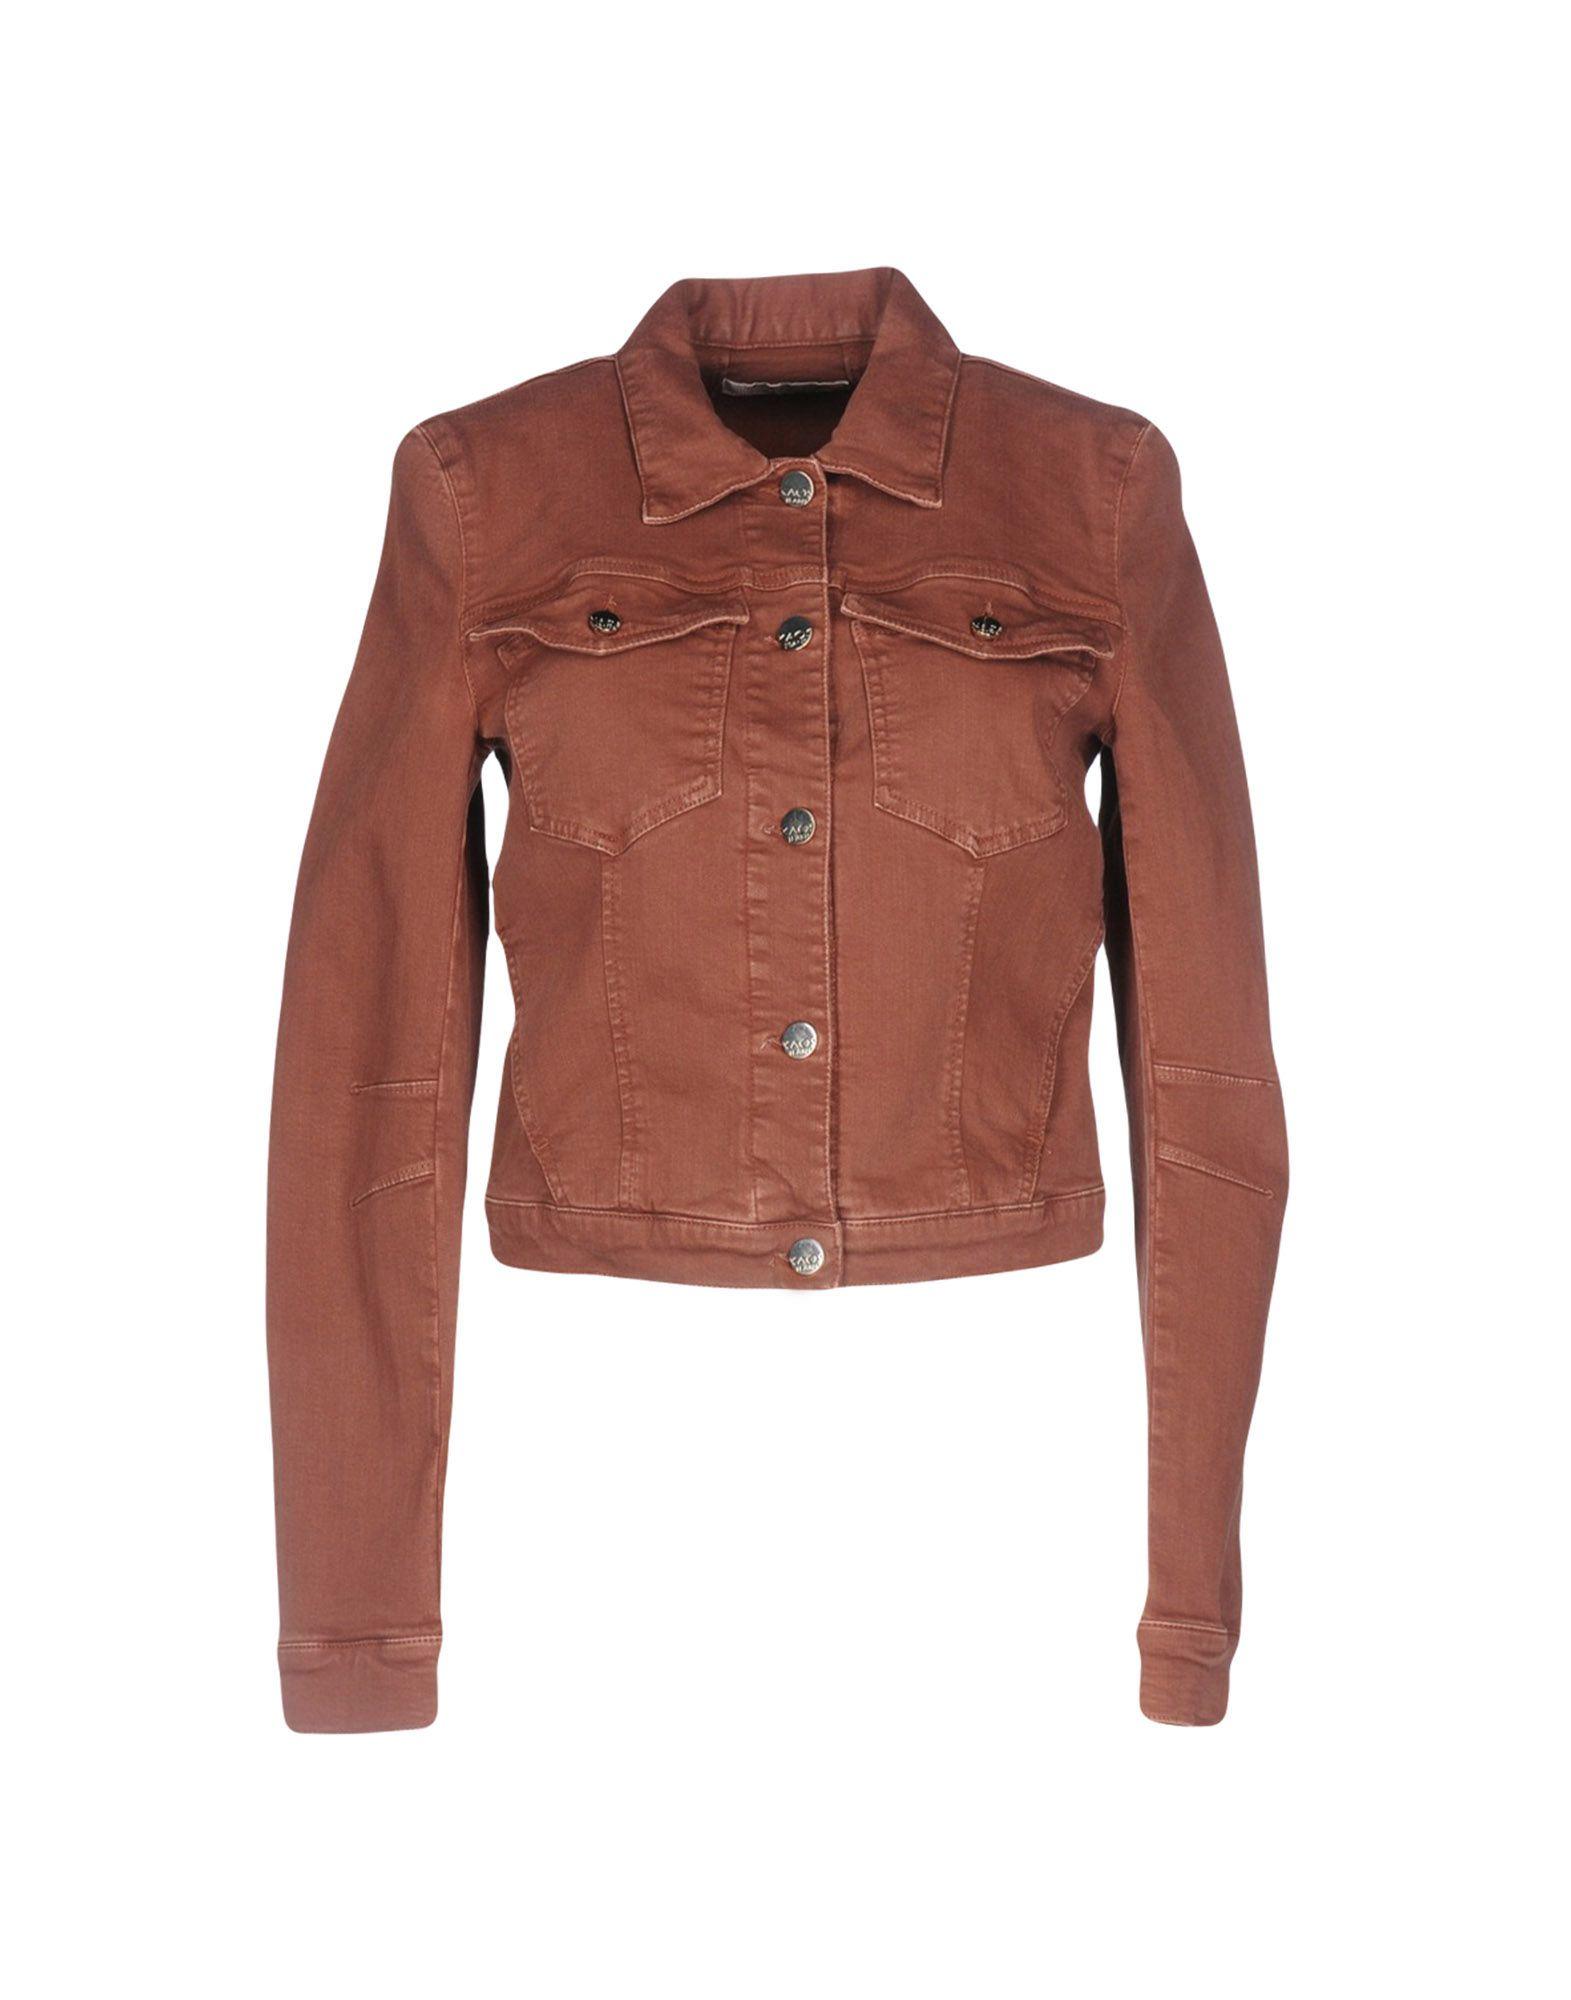 купить KAOS JEANS Джинсовая верхняя одежда по цене 9250 рублей